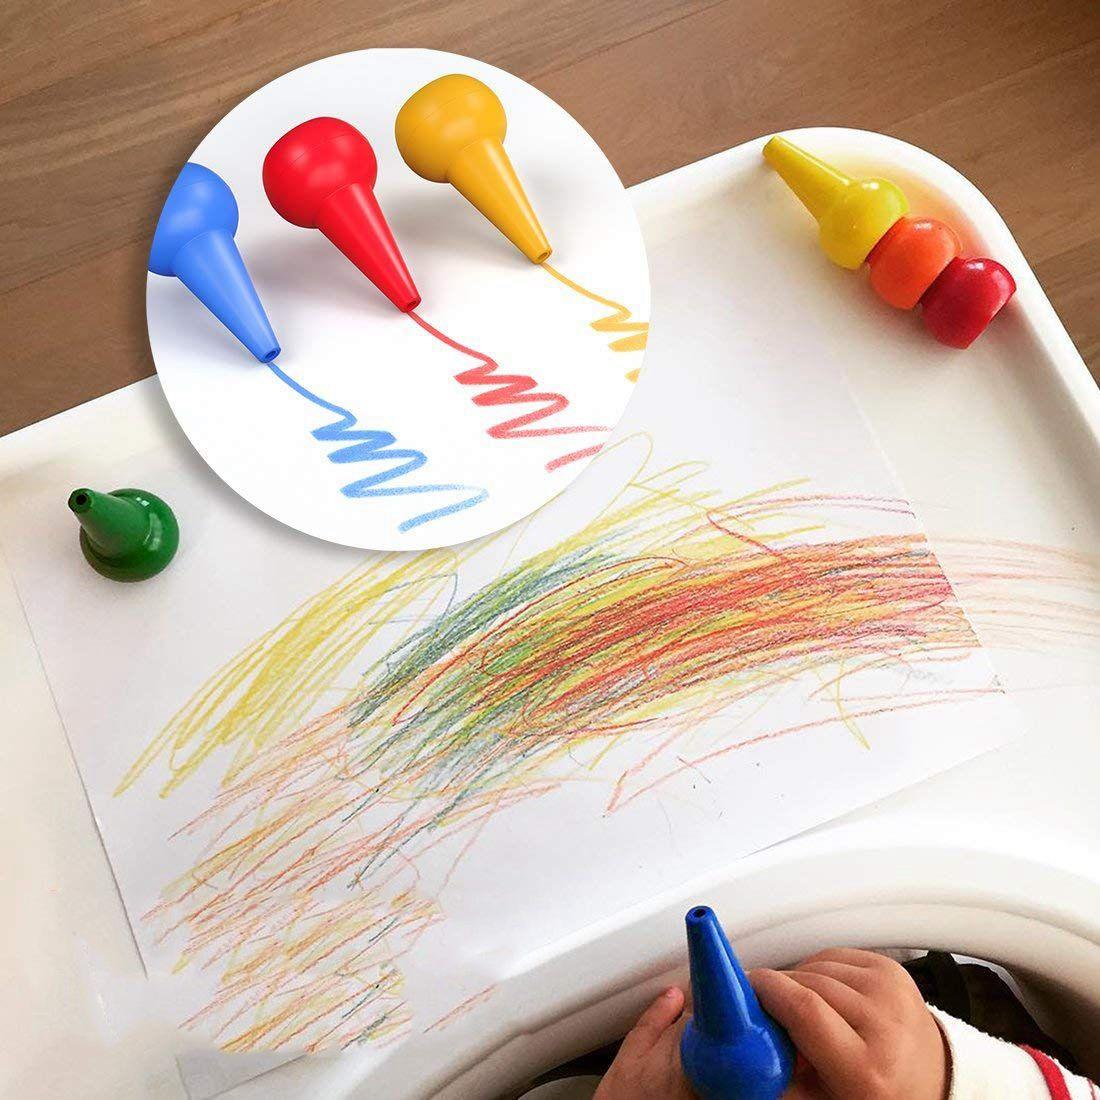 Parmak Toddlers Için Boya Kalemi 12 Renkler Parmak Boya Palm